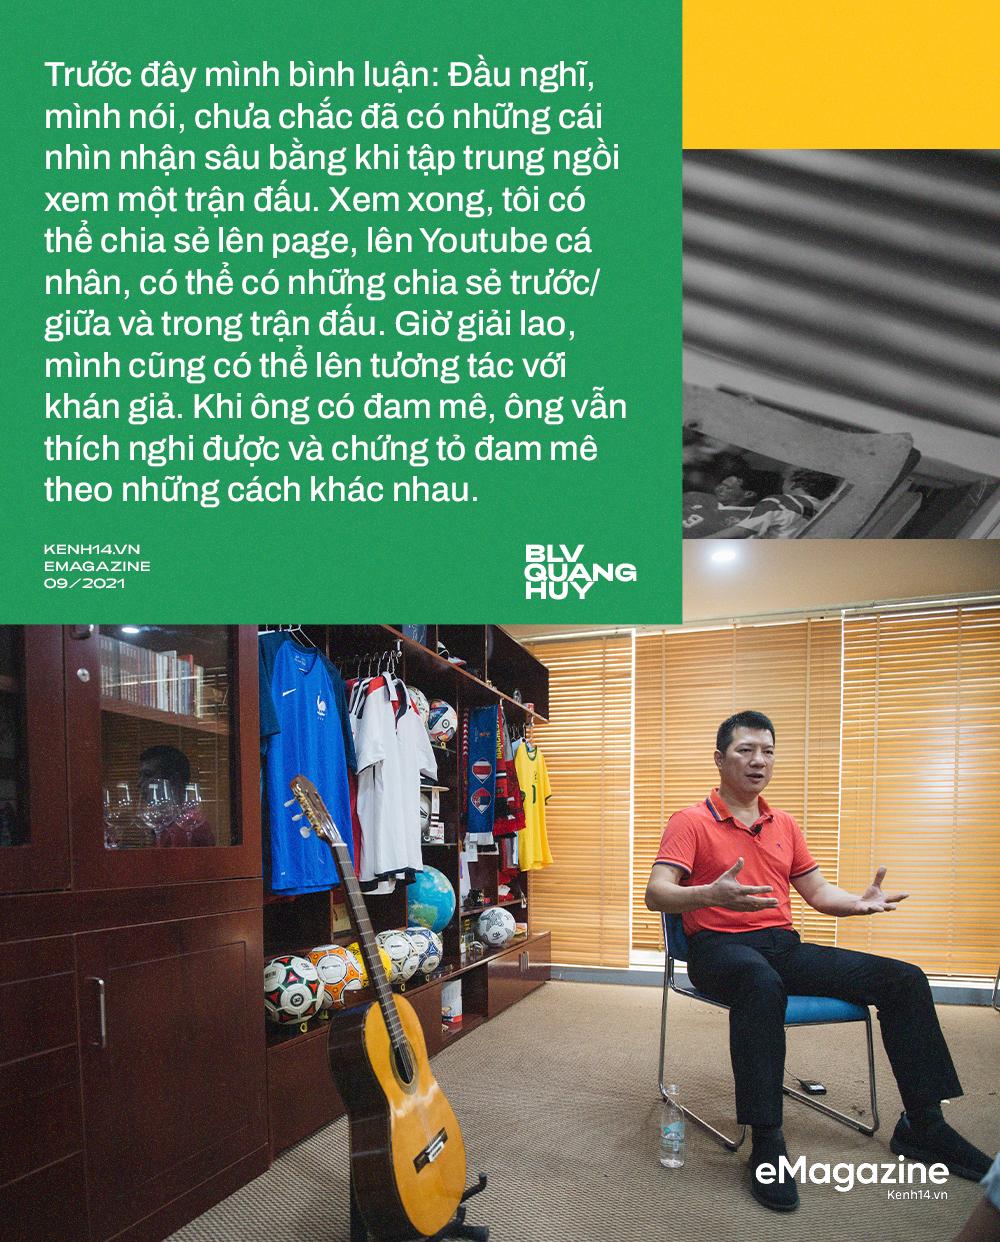 BLV Quang Huy: Tôi không thể nhớ đường nhưng sẽ nhớ tên cầu thủ mới, trận đấu nào quá nhiều cảm xúc tôi sẽ ngủ lại cơ quan - Ảnh 34.